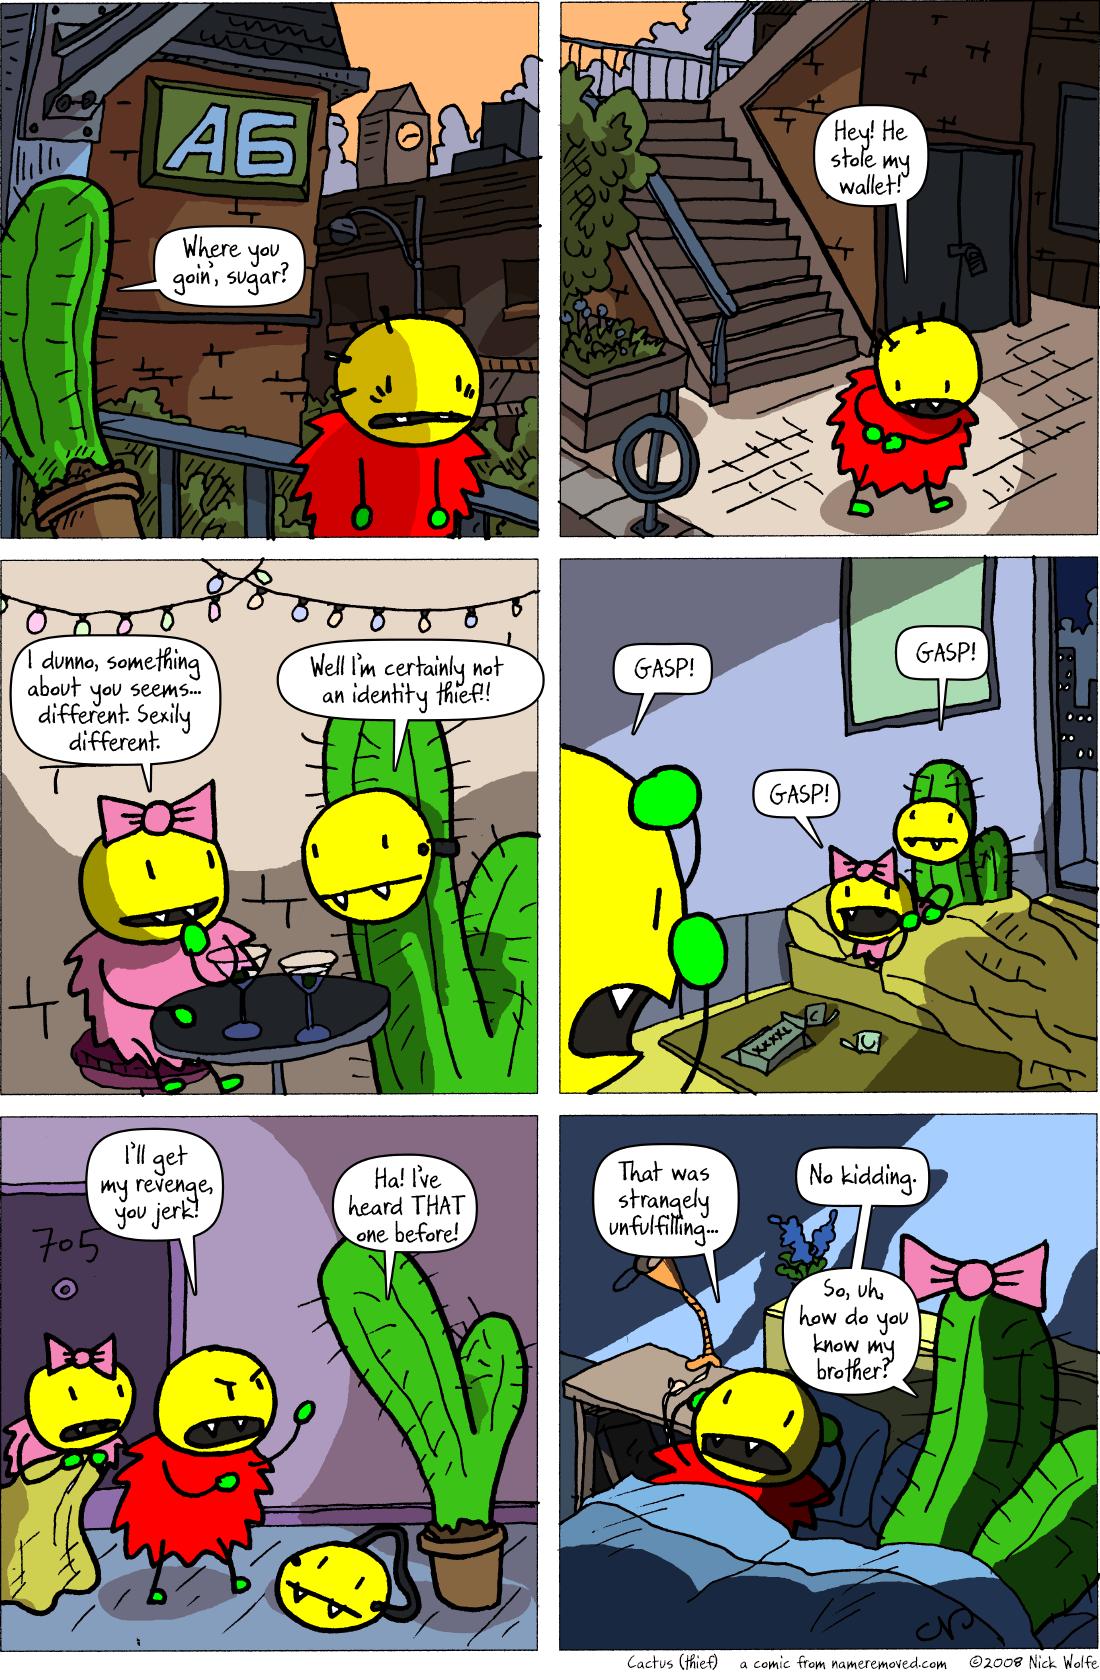 Cactus (thief)